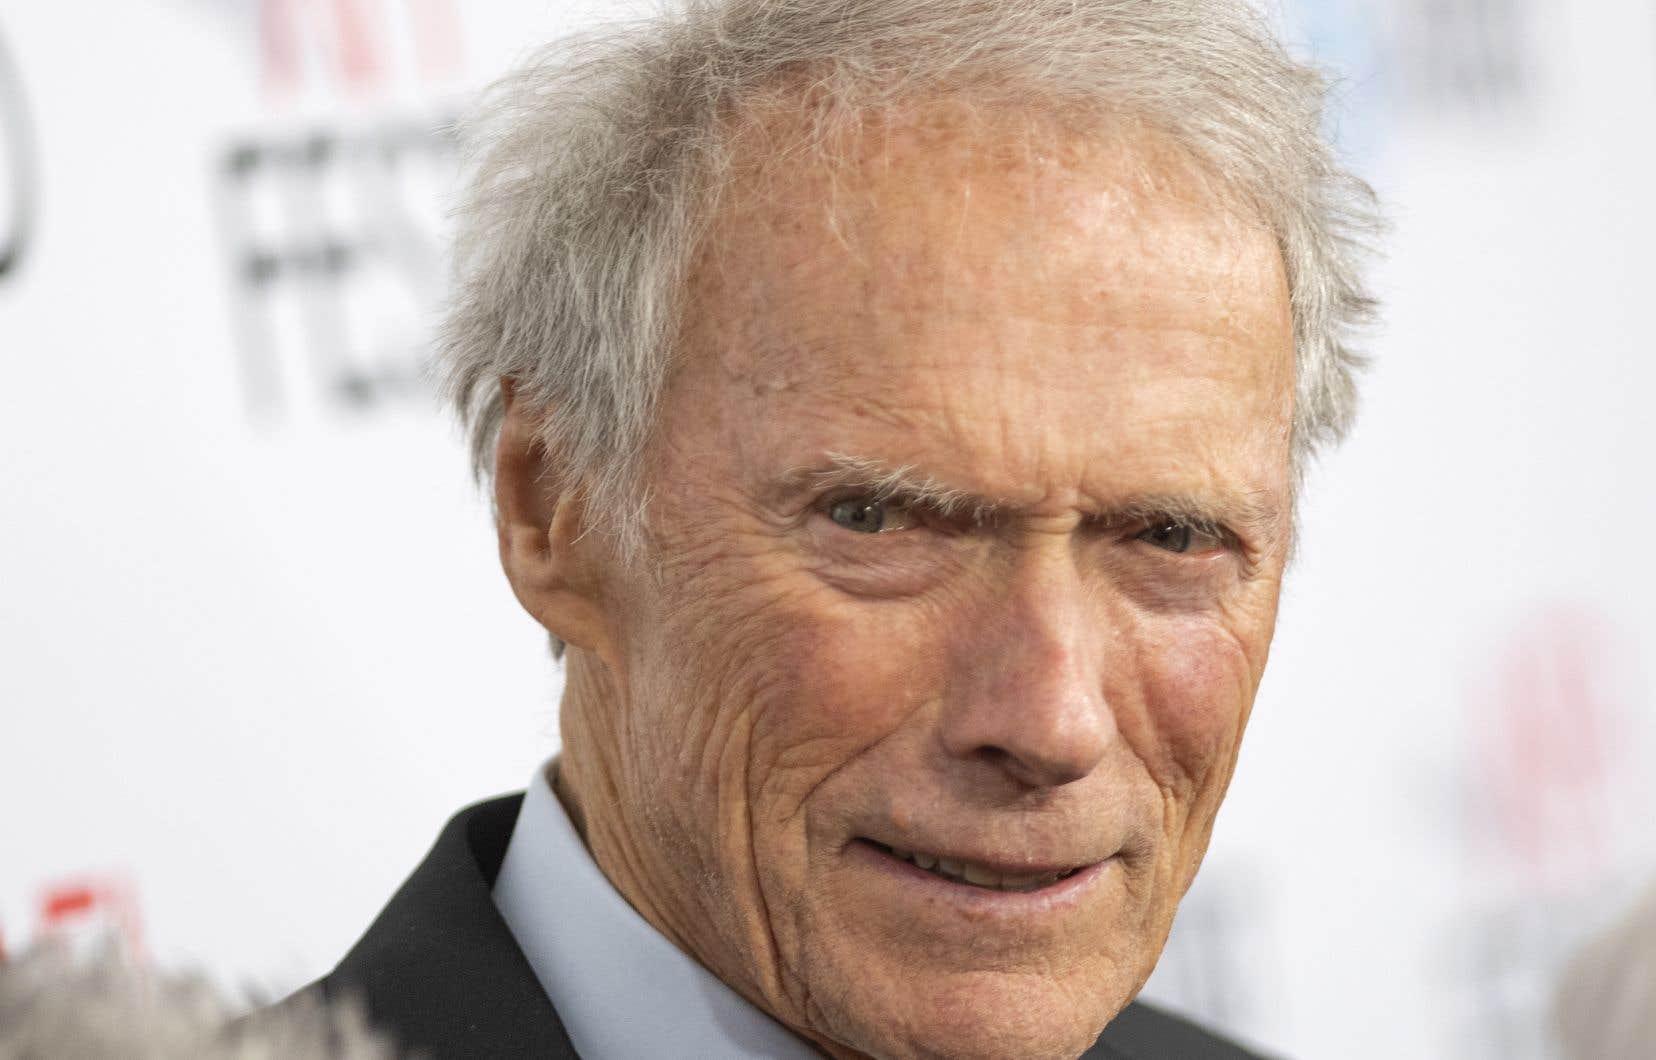 Né en1930, Clint Eastwood a à son actif plus de cinquante films et a commencé sa longue carrière avec des petits rôles dans les années1950 avant d'accéder à la célébrité.